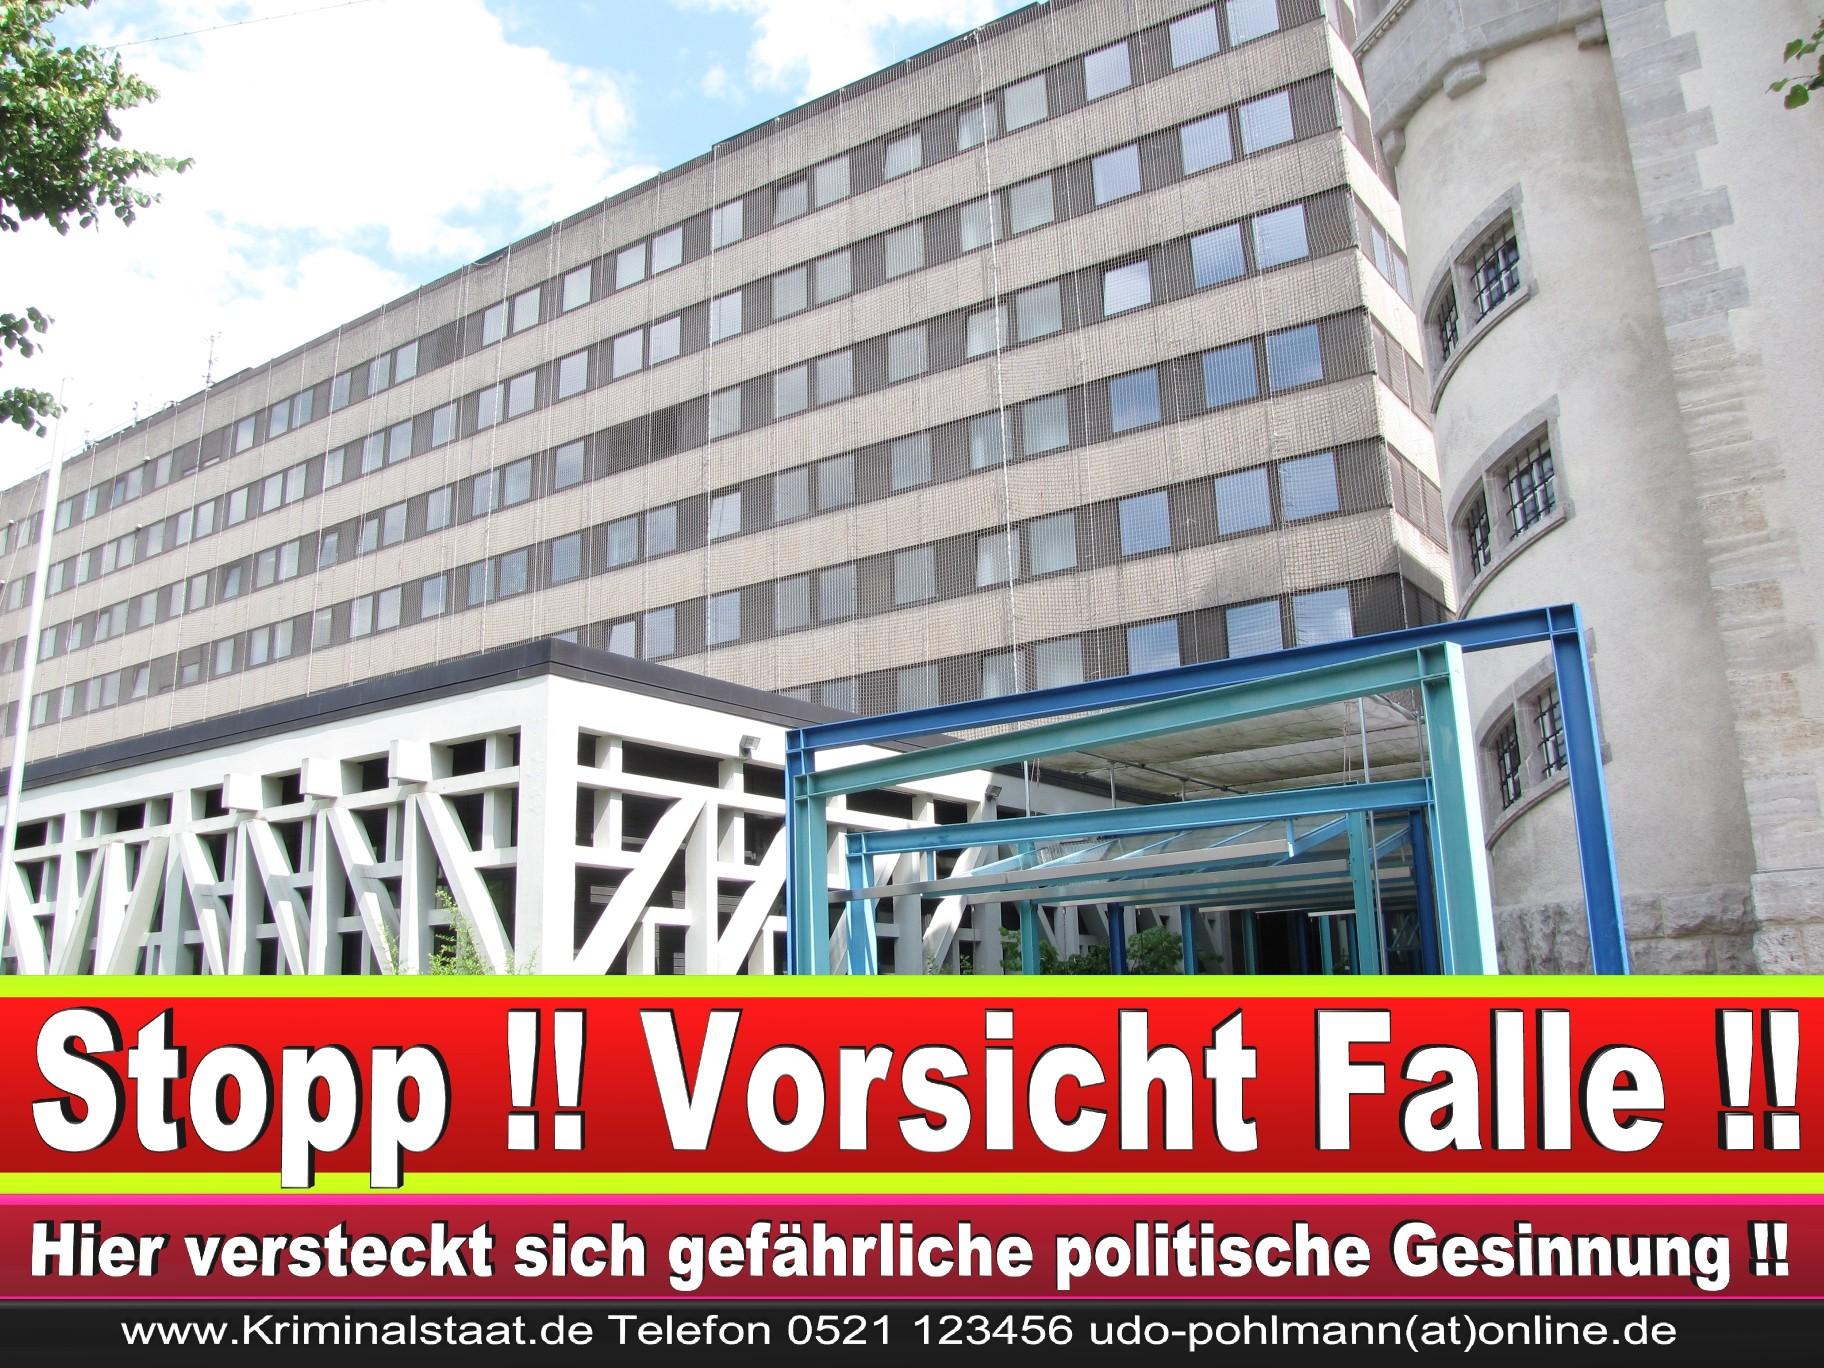 CDU Landgericht Bielefeld Landgerichtspräsident Klaus Petermann Hochstraße Bünde Jens Gnisa Richterbund Richtervereinigung 40